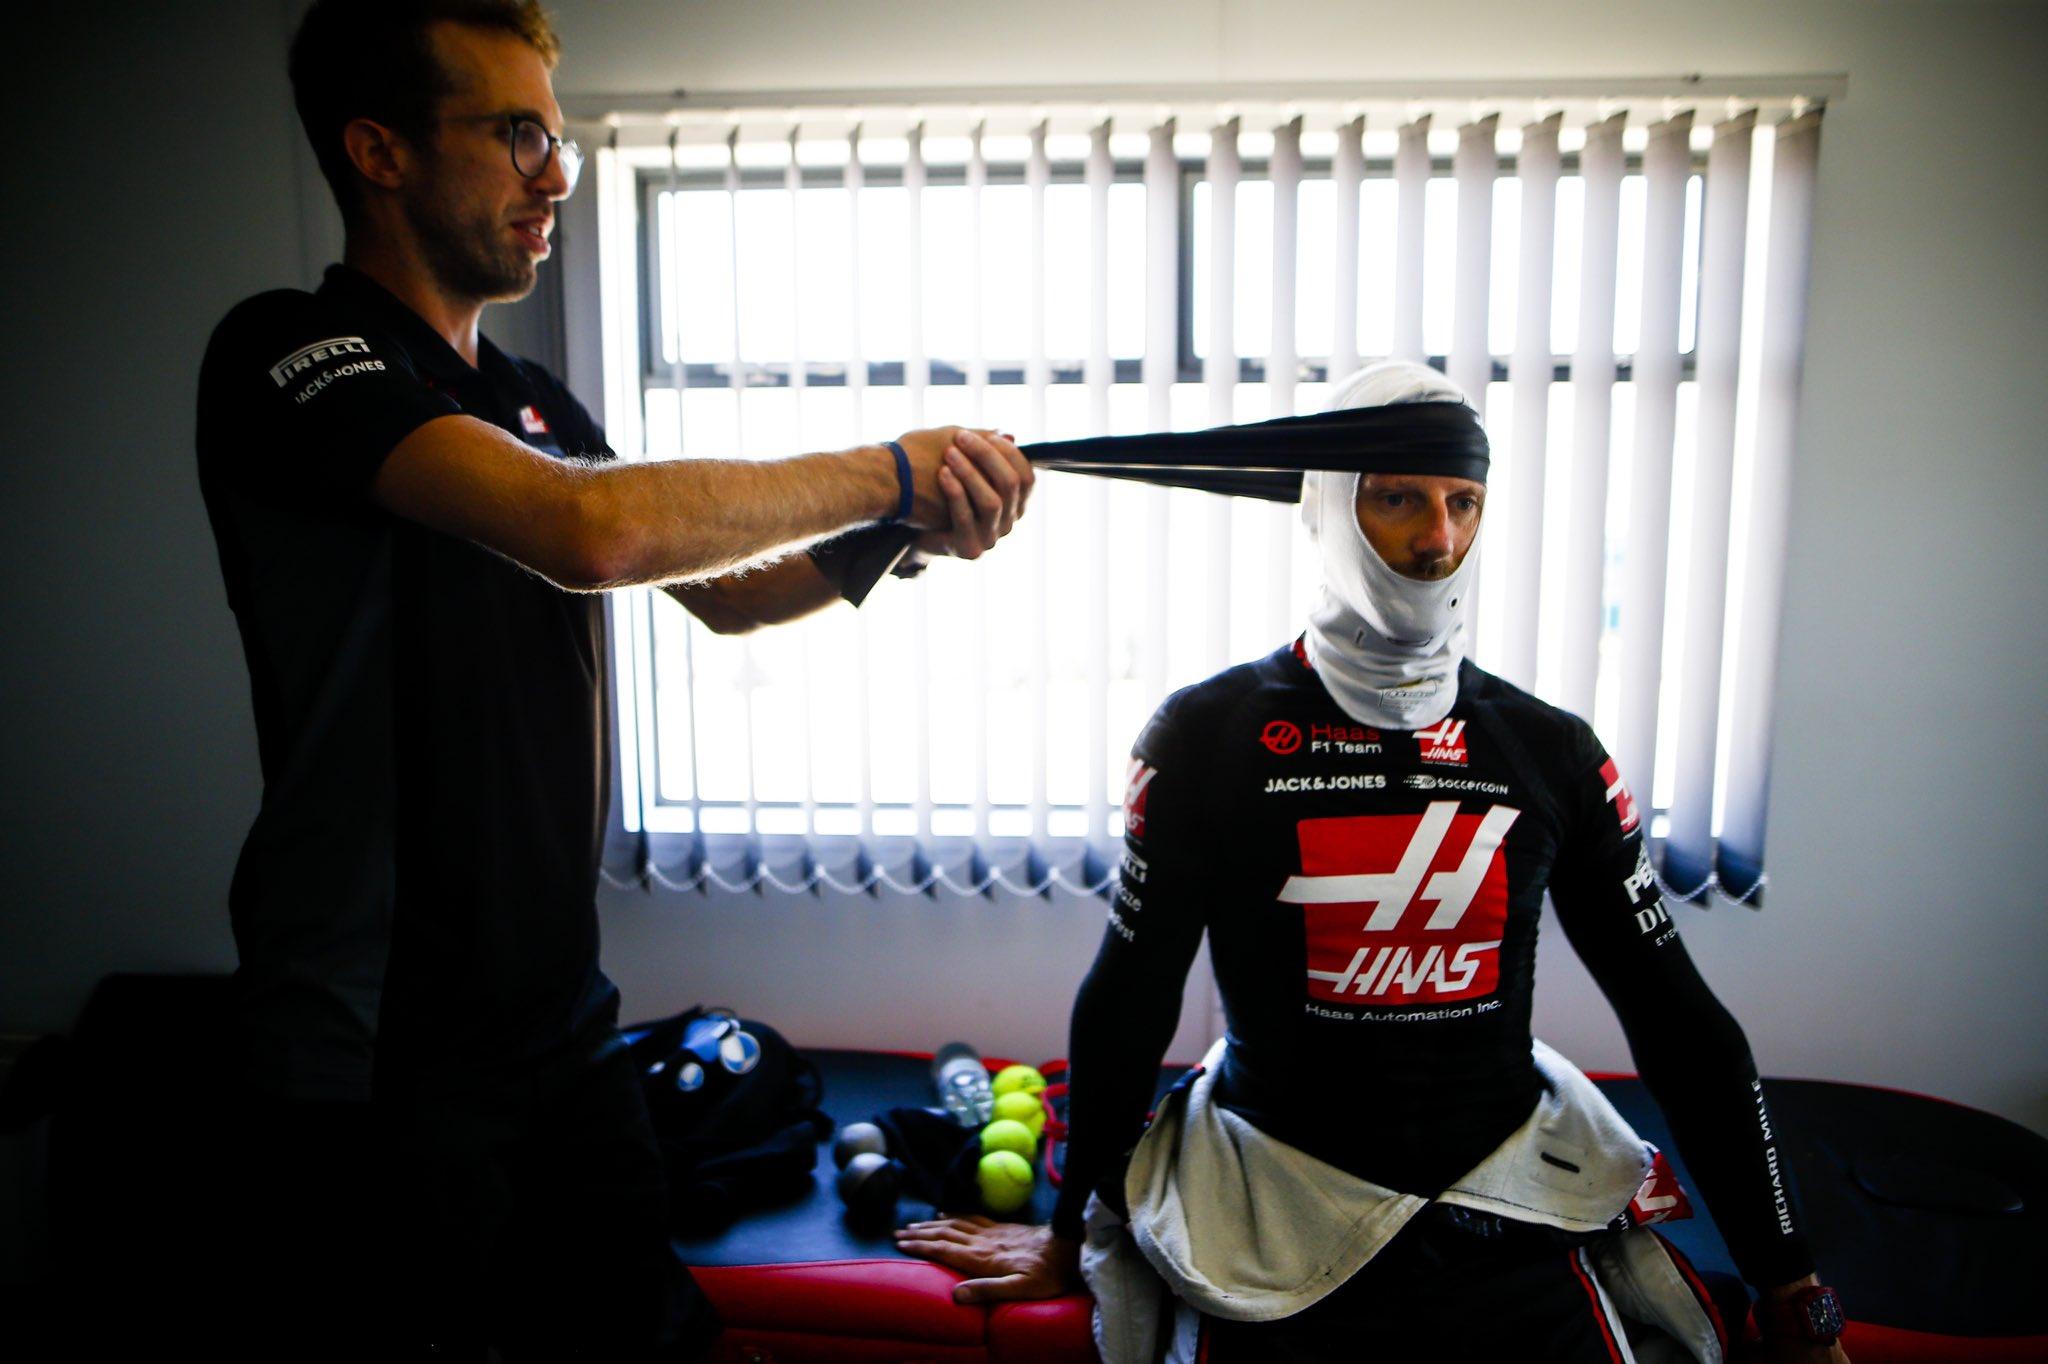 Officiel : Romain Grosjean reçoit un avertissement après le GP de Grande-Bretagne 1